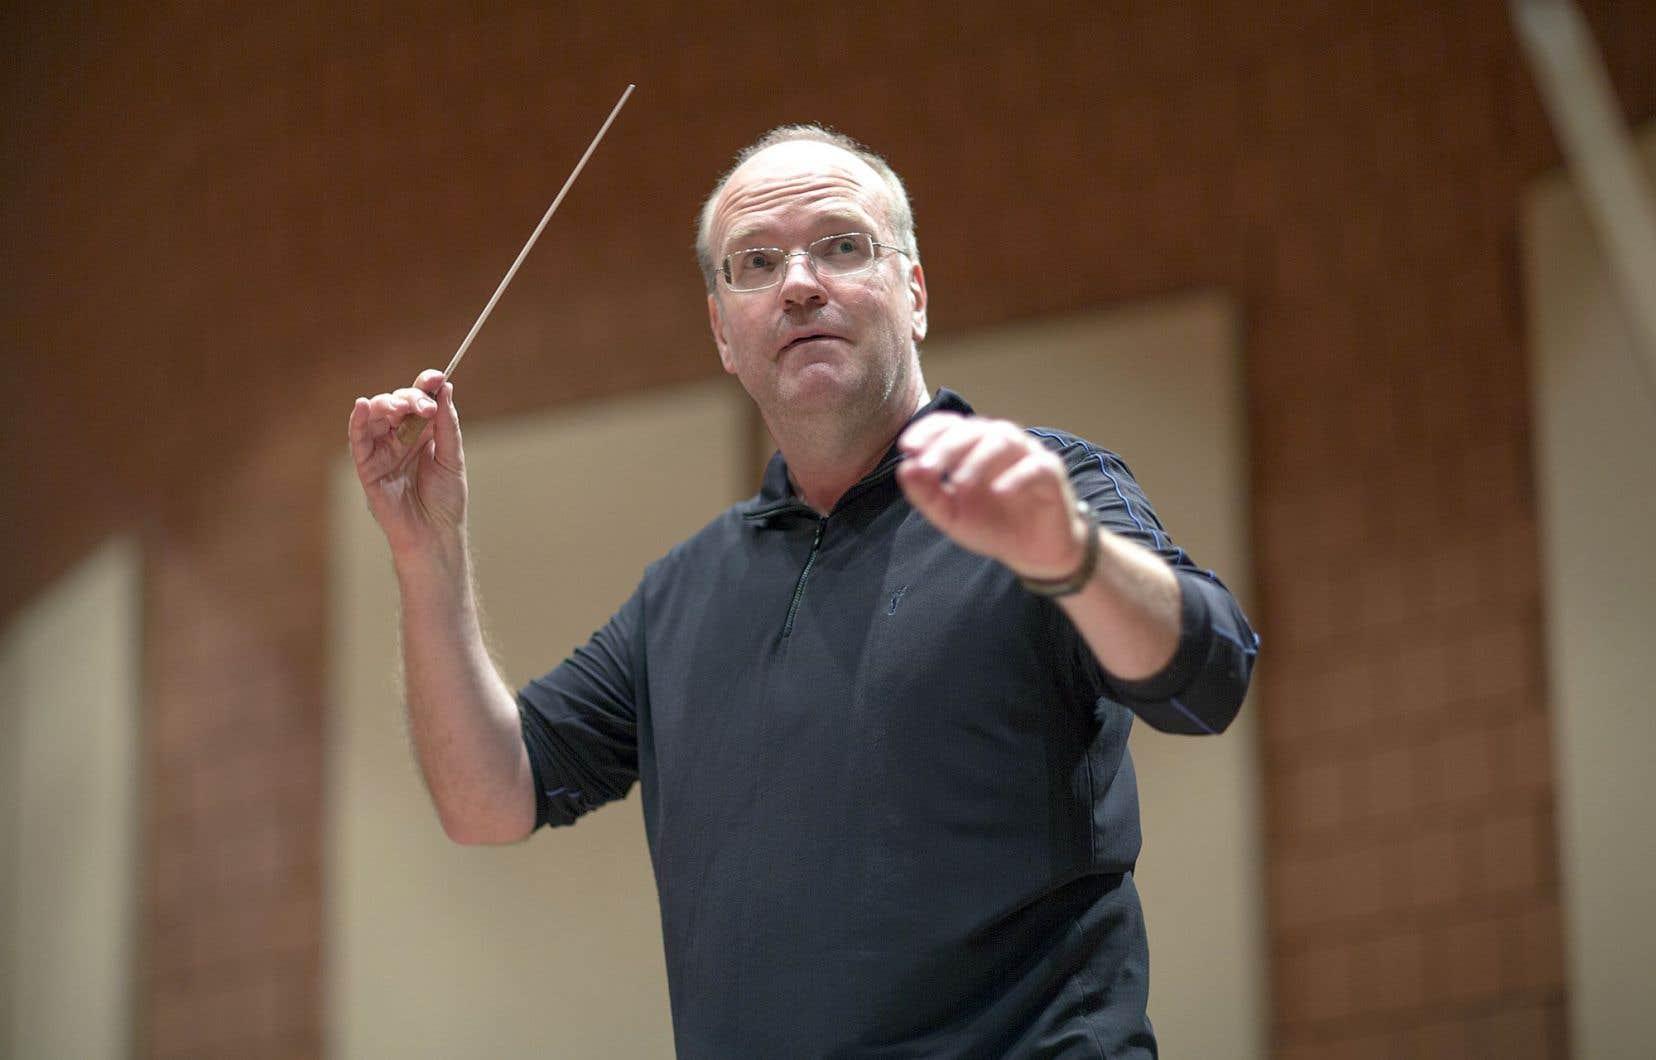 Bernard Labadie, photographié en 2013, revivra le plaisir de diriger un orchestre.